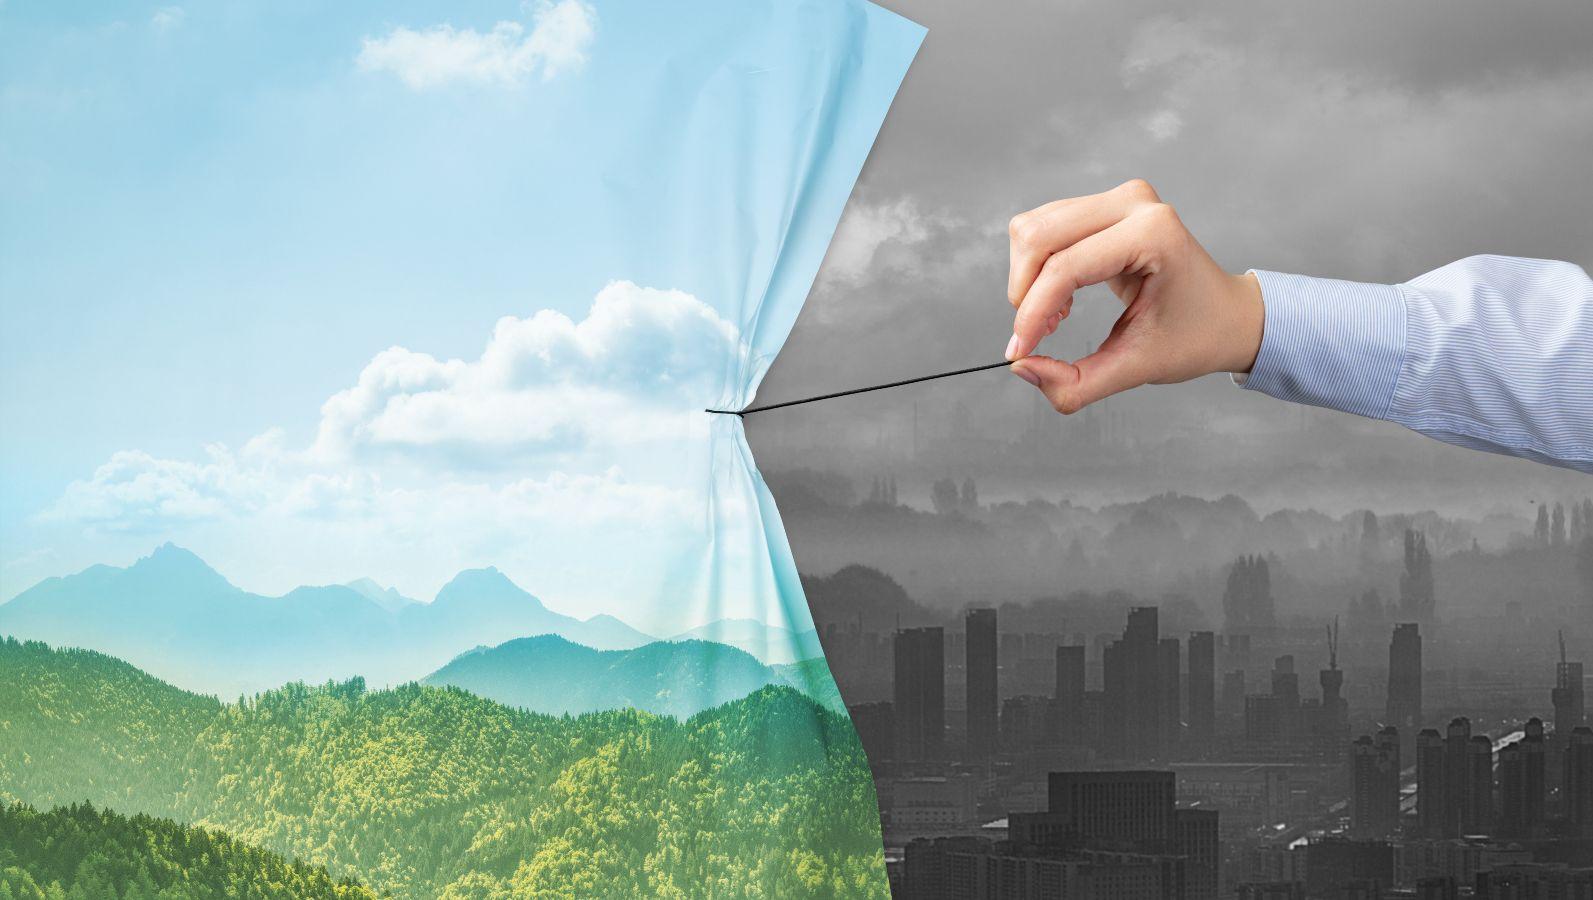 Eine Hand zieht einen Vorhang mit blauem Himmel, Wolken und grünen Hügeln über eine düstere Industrielandschaft. Der Vorhang bedeckt die Hälfte des Bildes.